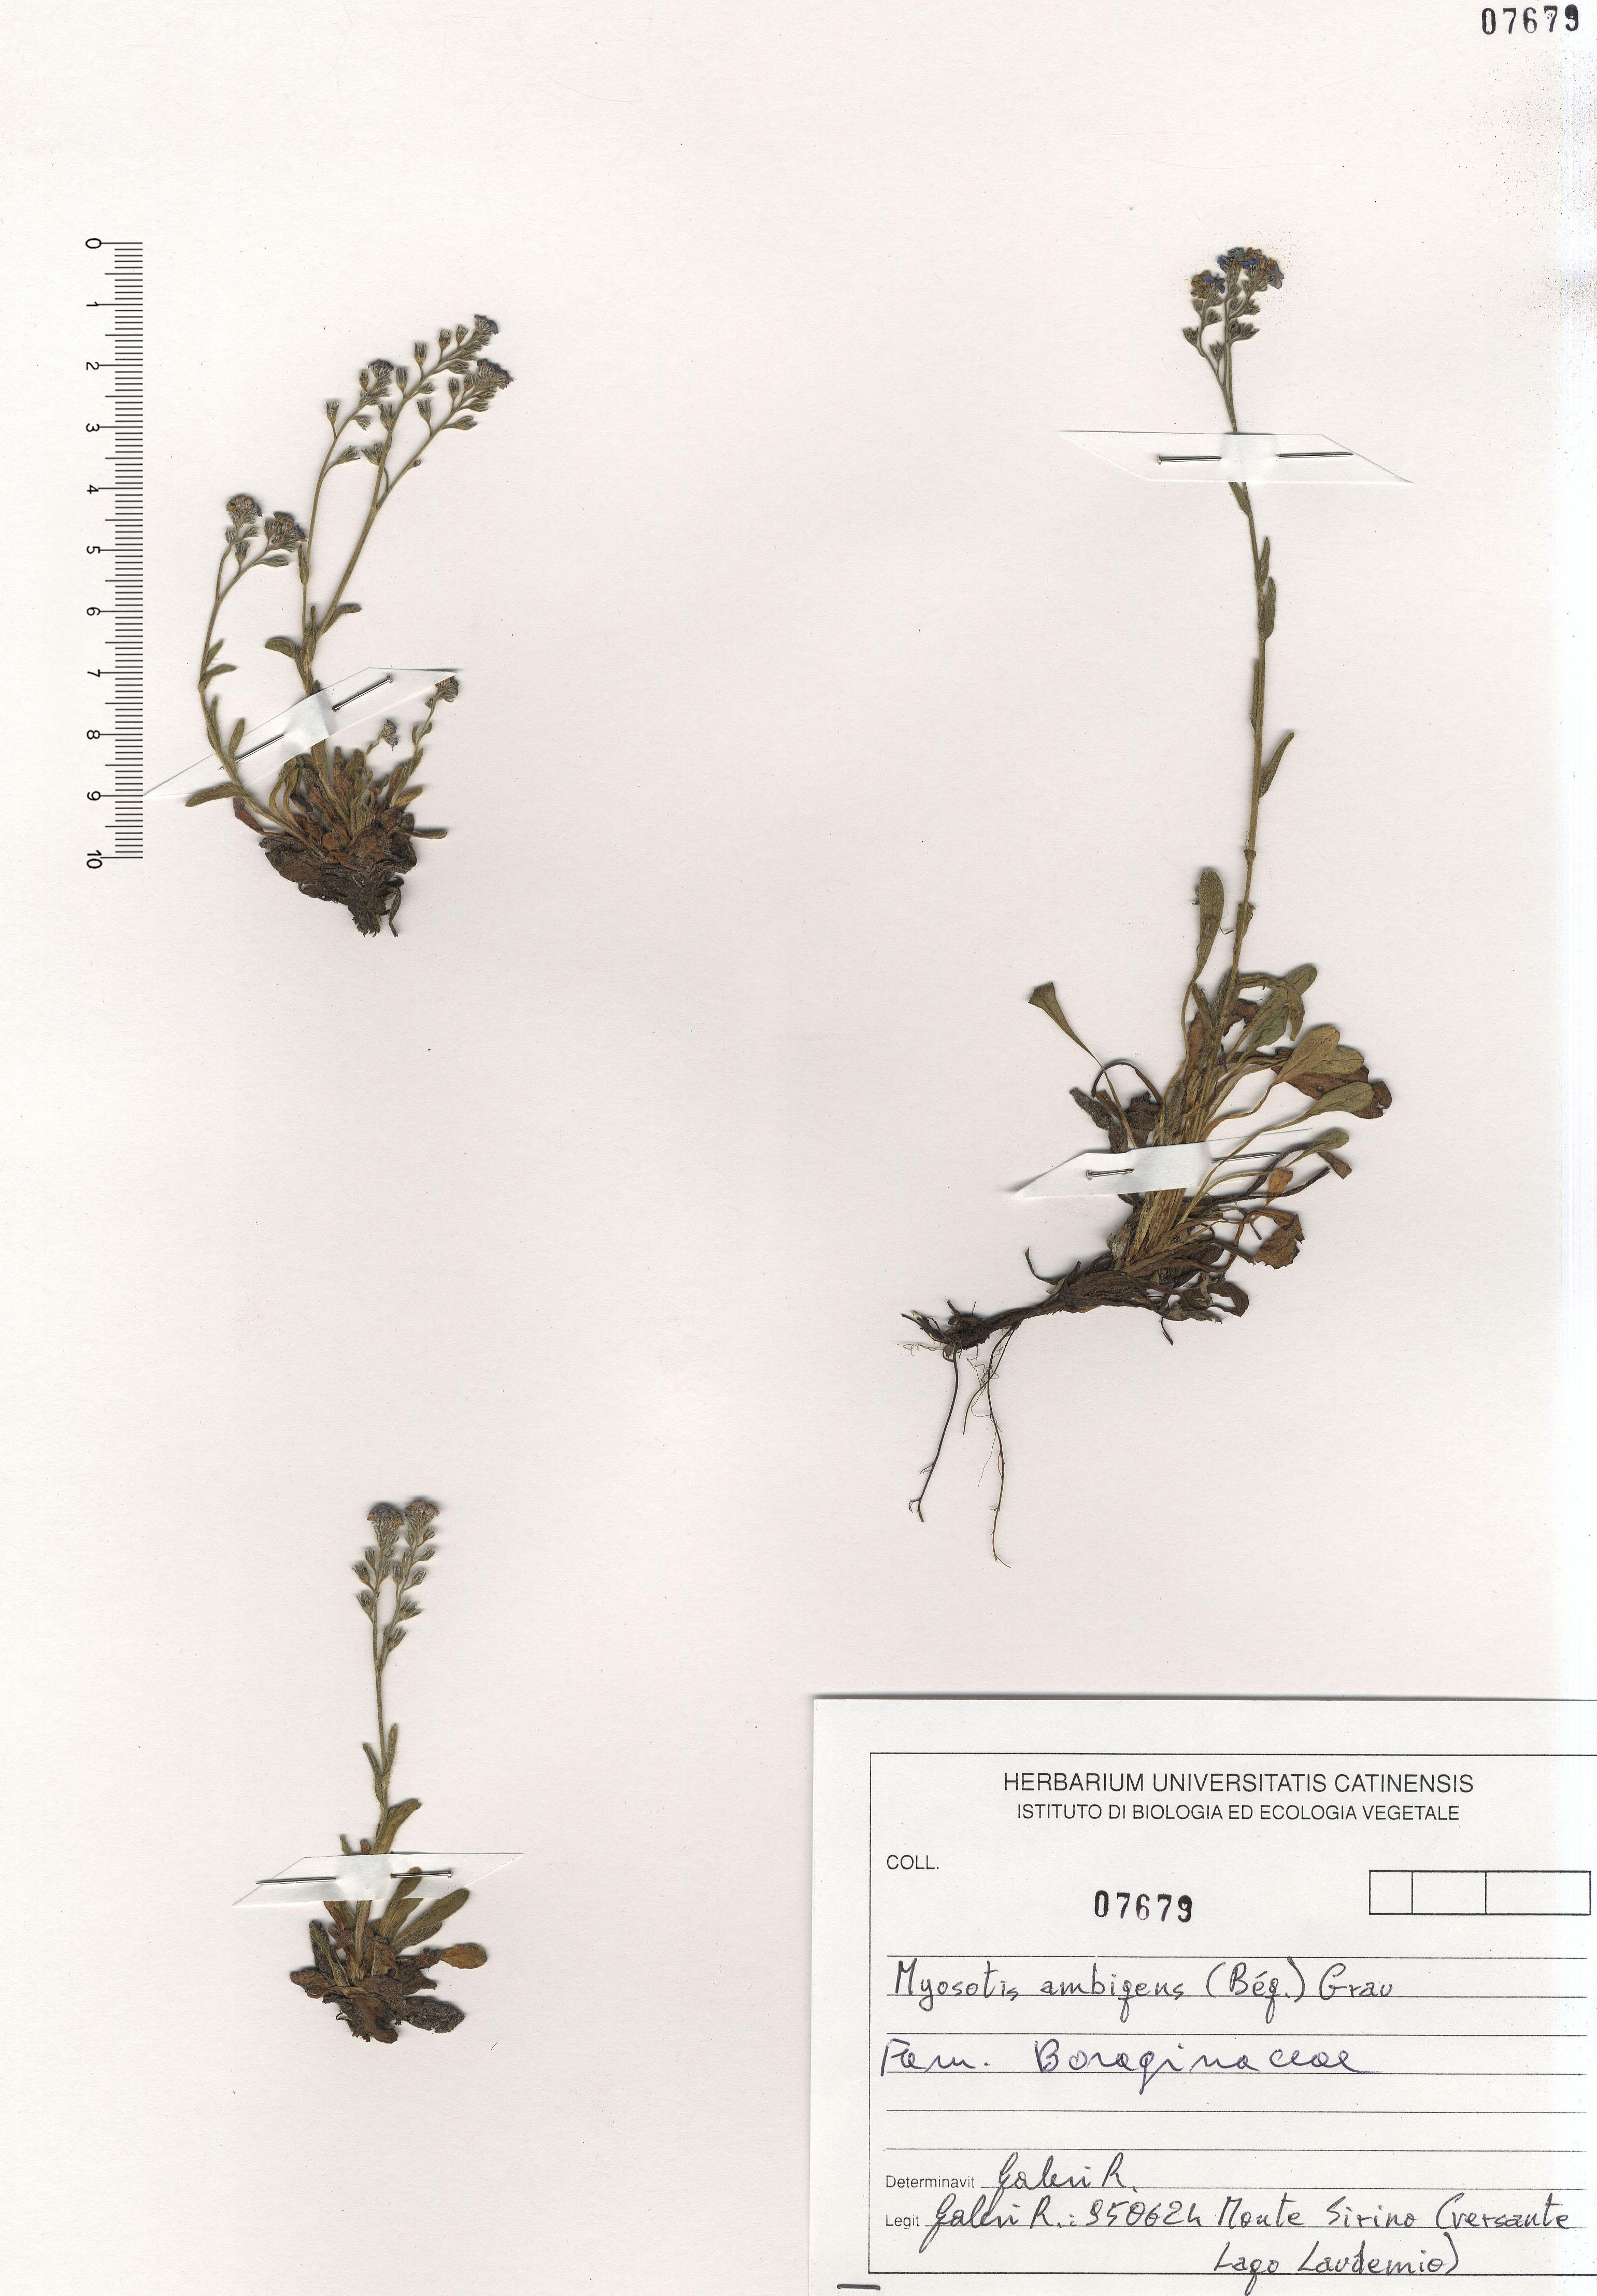 © Hortus Botanicus Catinensis - Herb. sheet 107679<br>